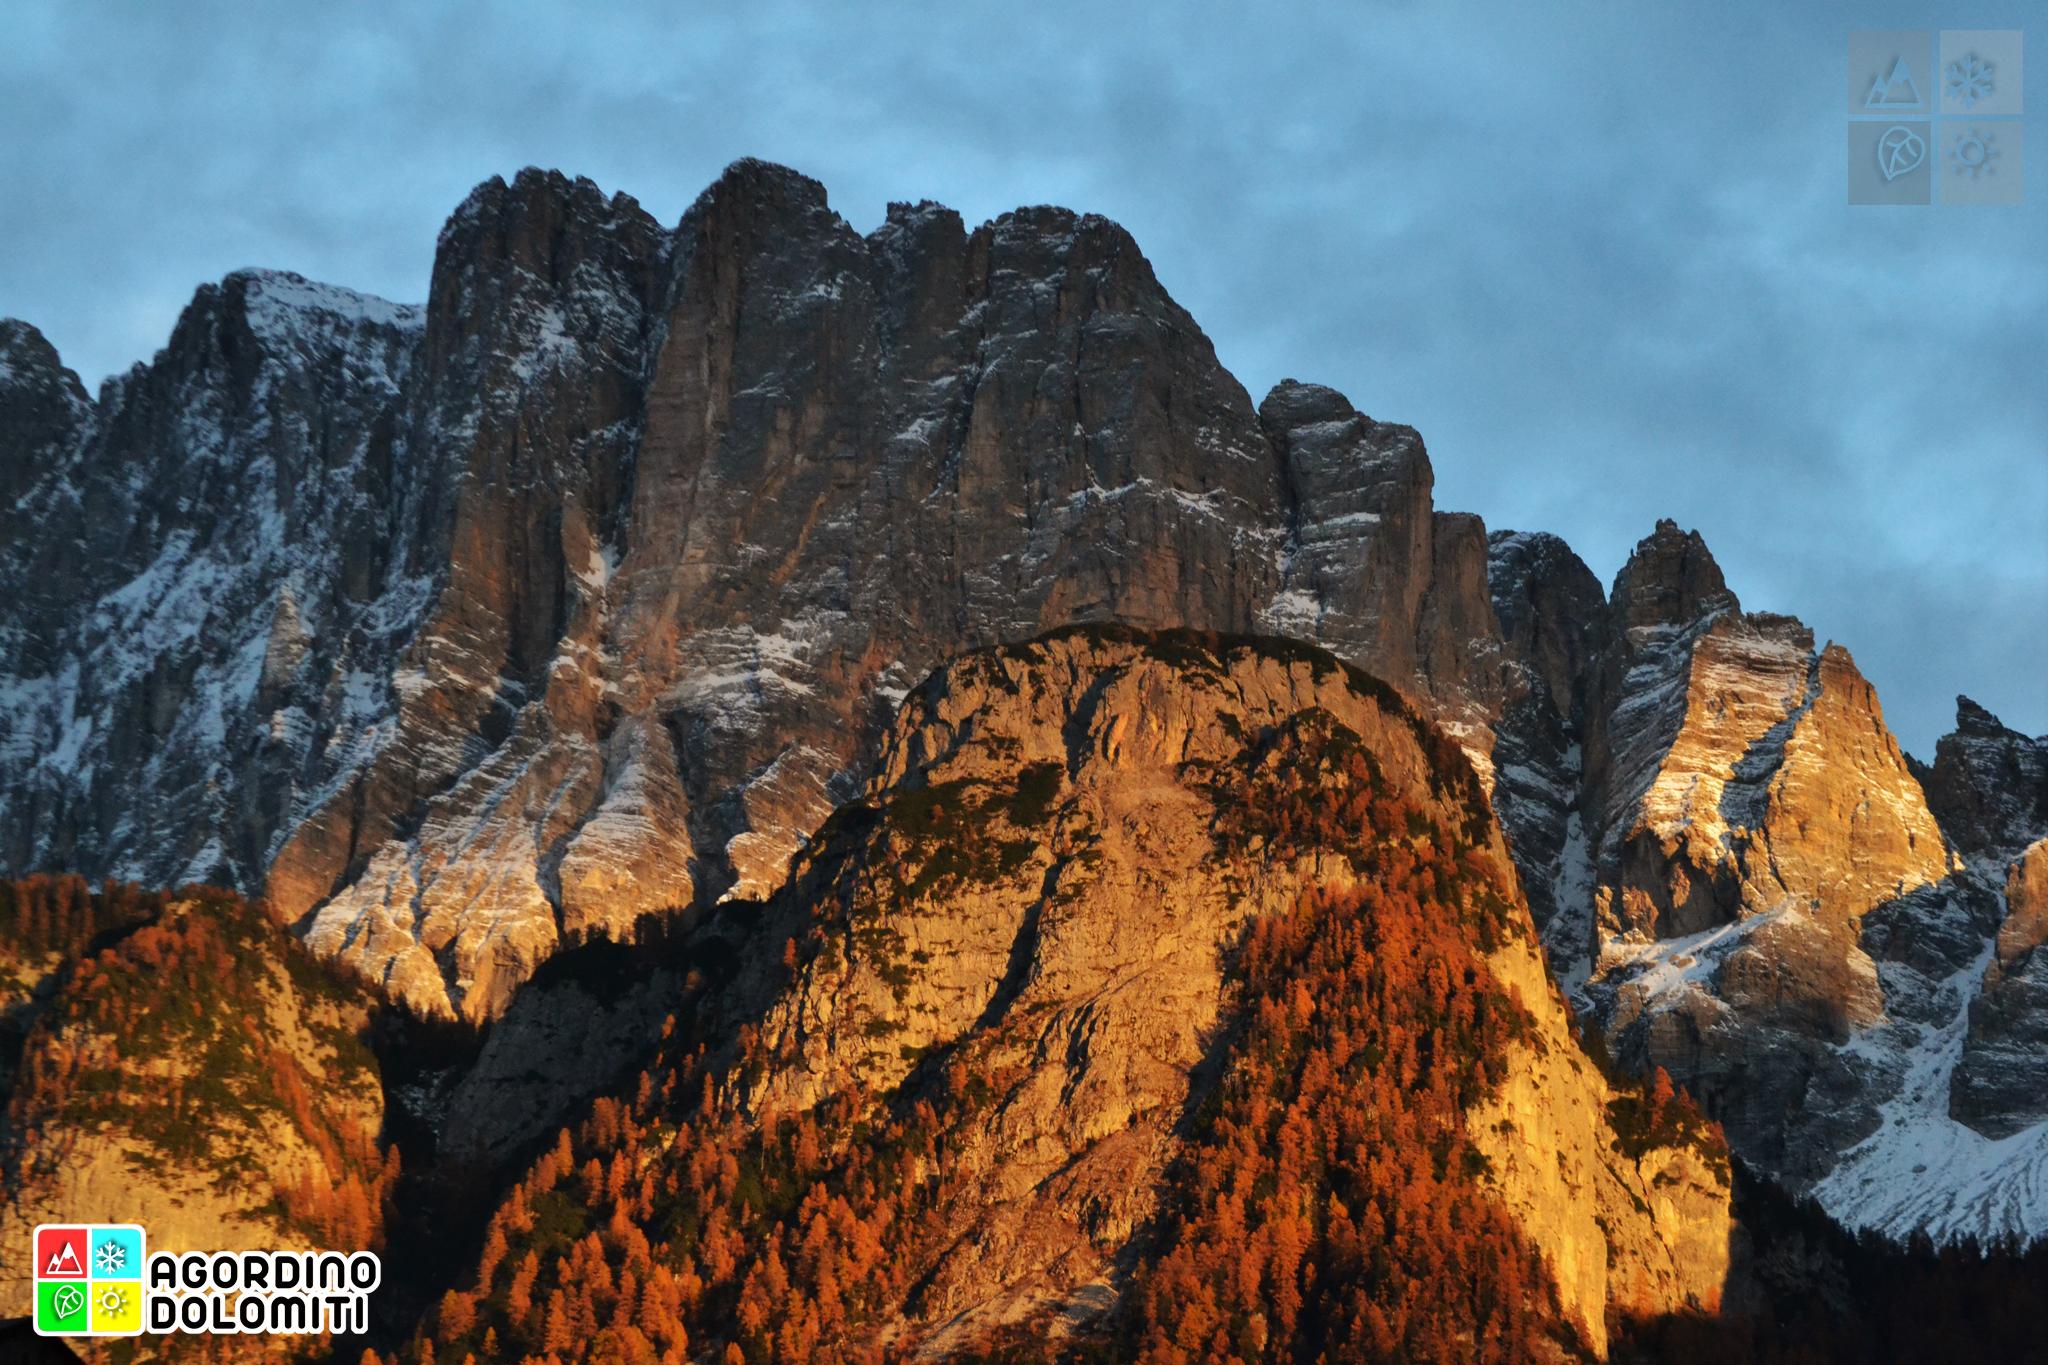 Civetta Agordino Dolomiti UNESCO